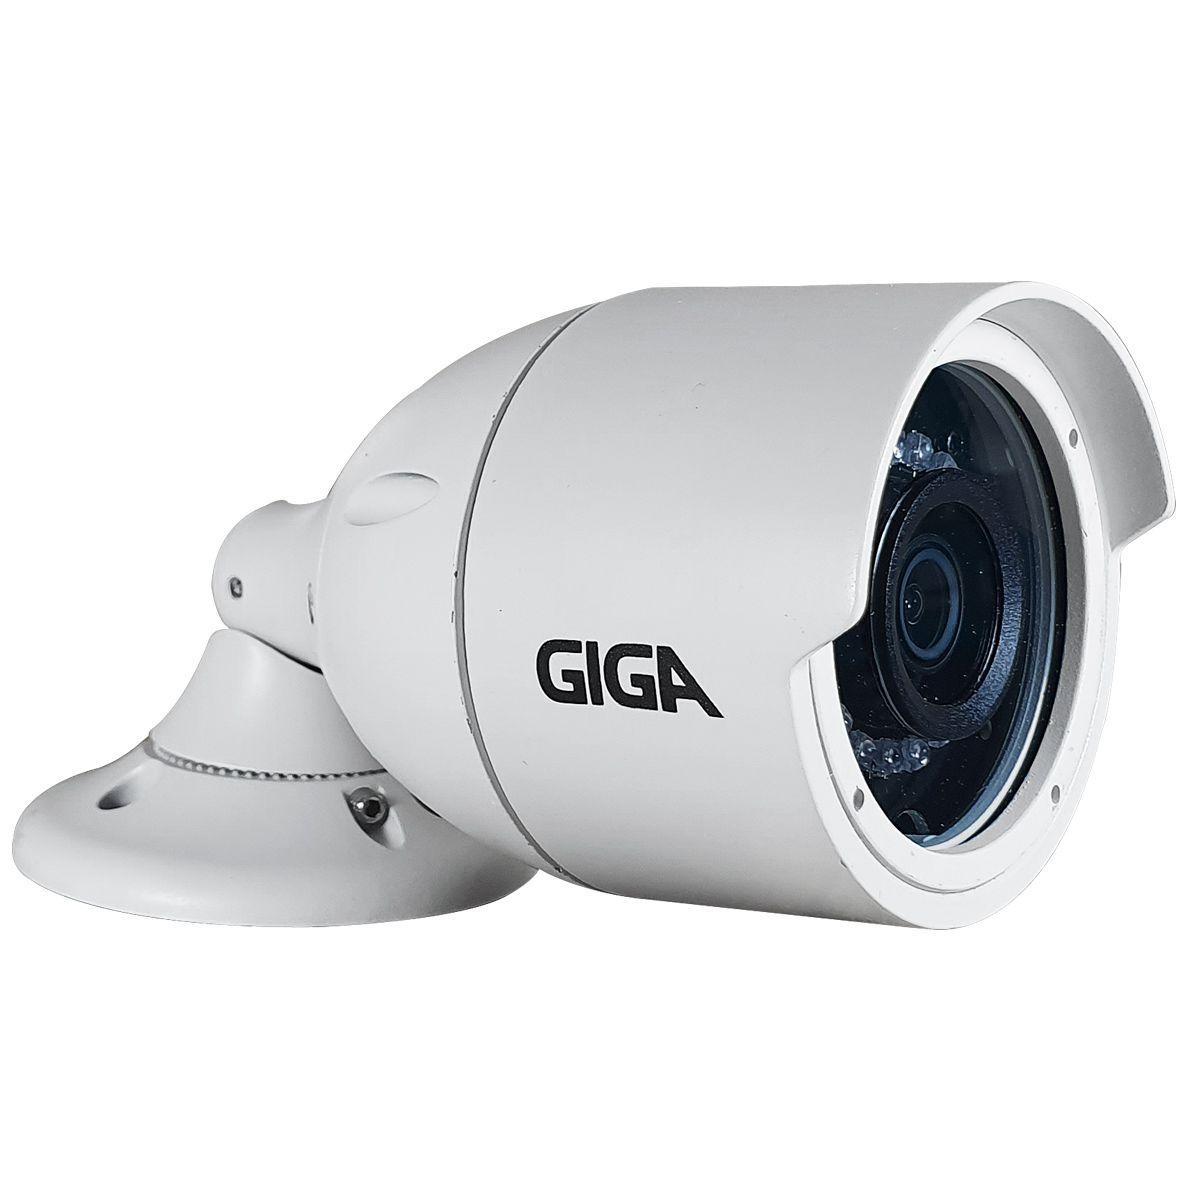 Kit 4 Câmeras Full HD + DVR Giga Security + App Grátis de Monitoramento, Câmeras GS0273 1080p 30m Infravermelho de Visão Noturna + Fonte, Cabos e Acessórios  - Tudo Forte